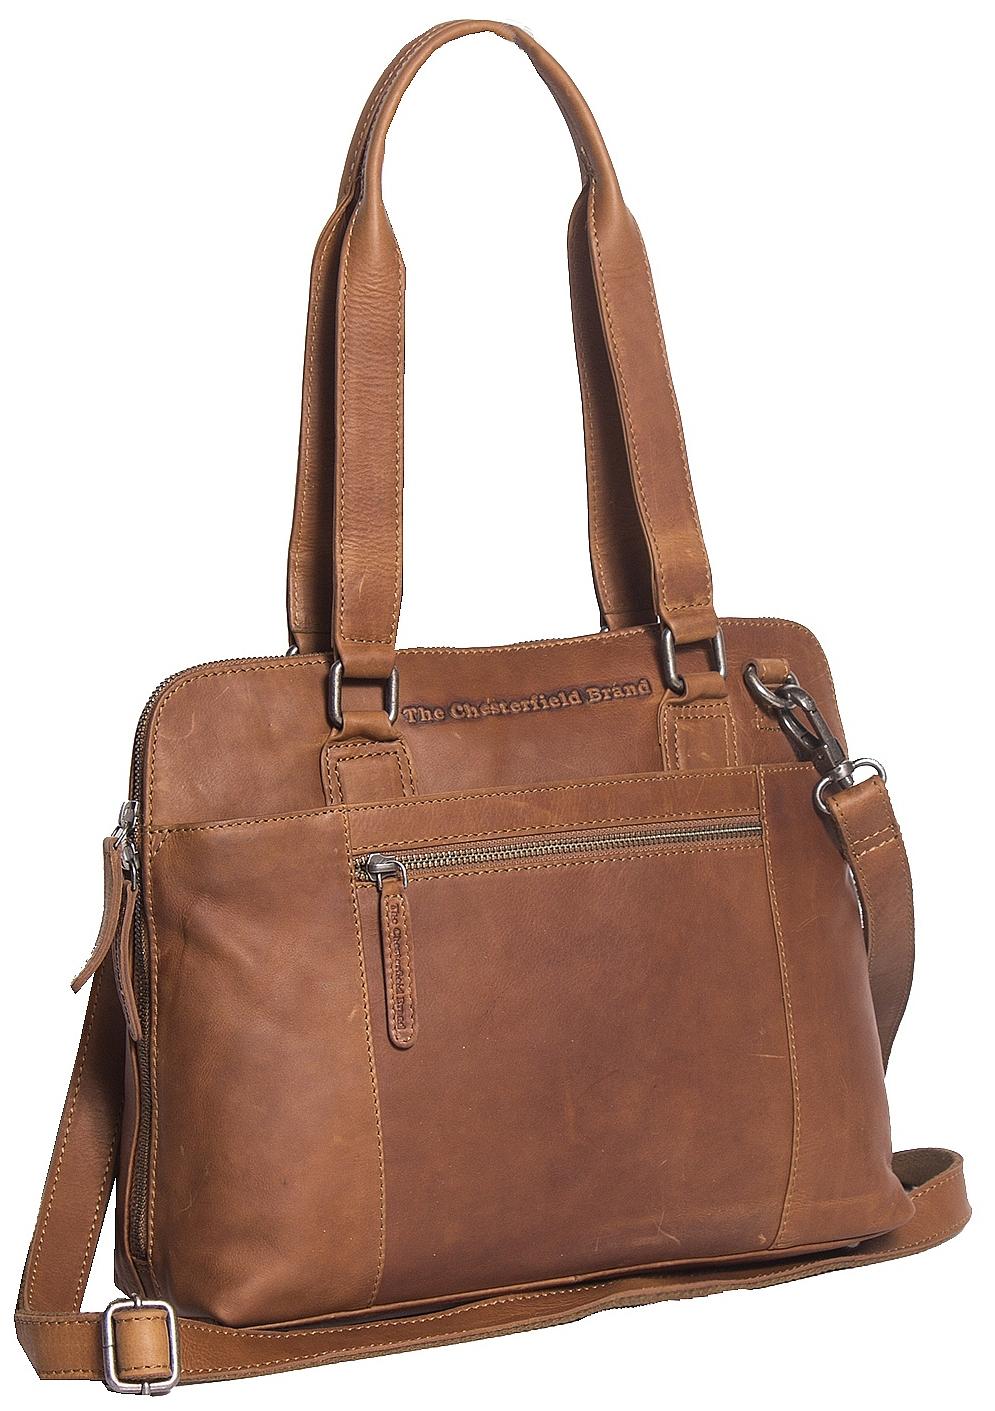 The Chesterfield Brand Dámská kožená kabelka M na notebook Cara C48.061231 koňak